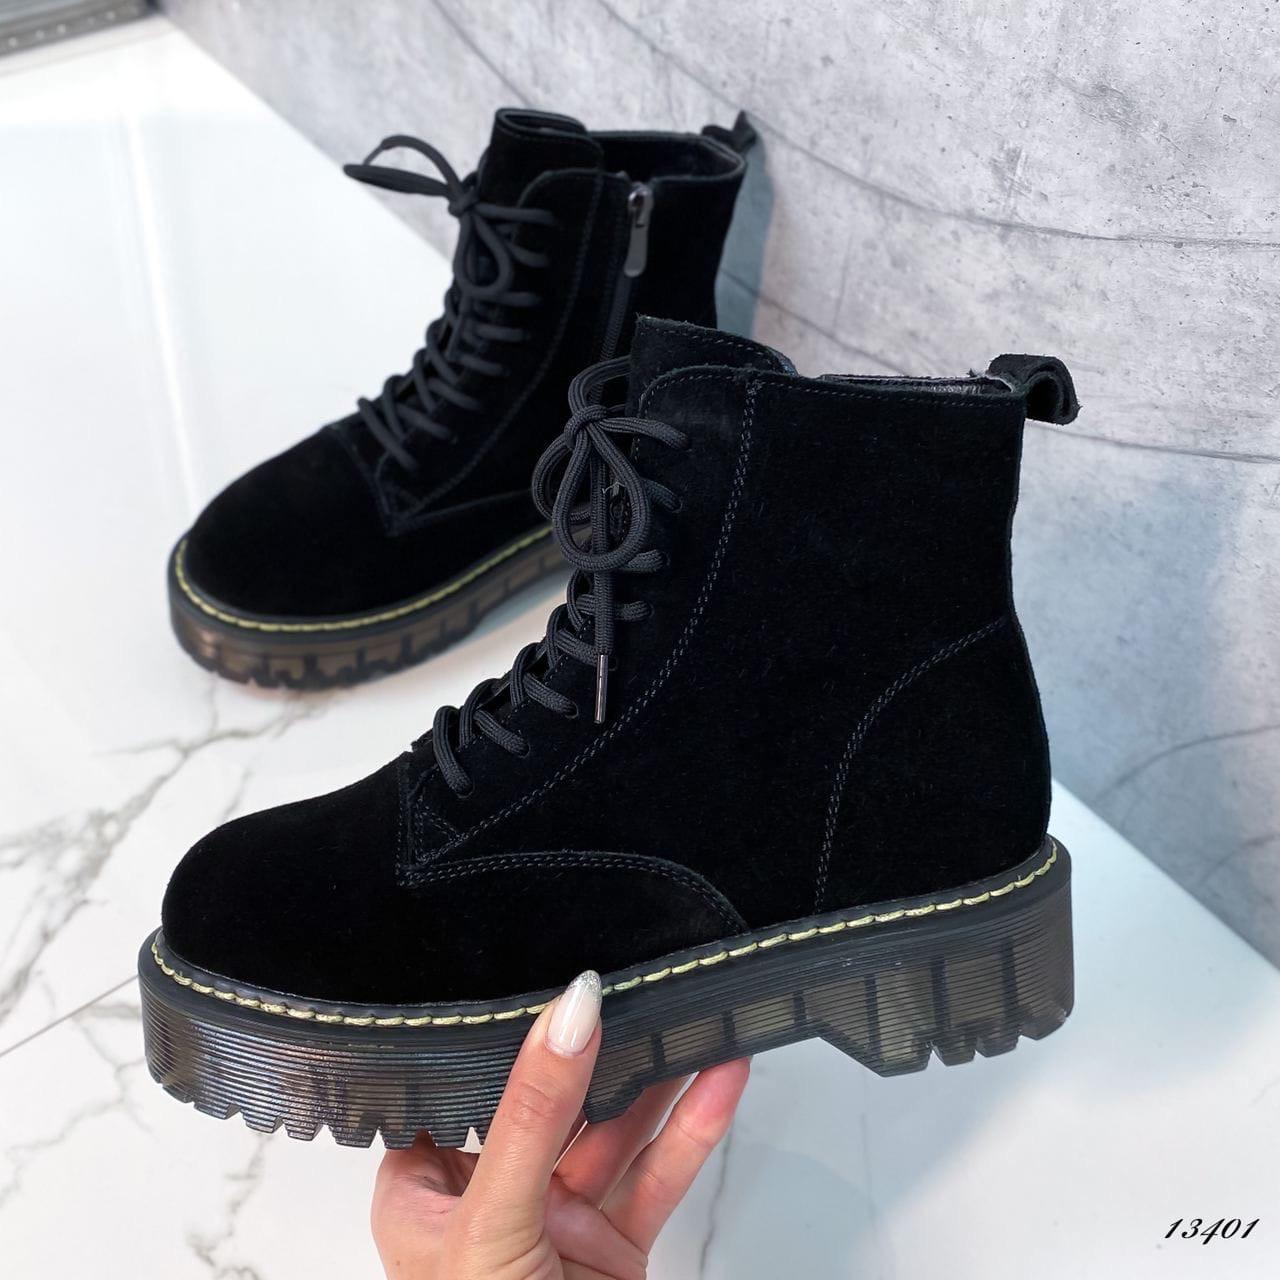 Женские ботинки -Martin- зимние 13401